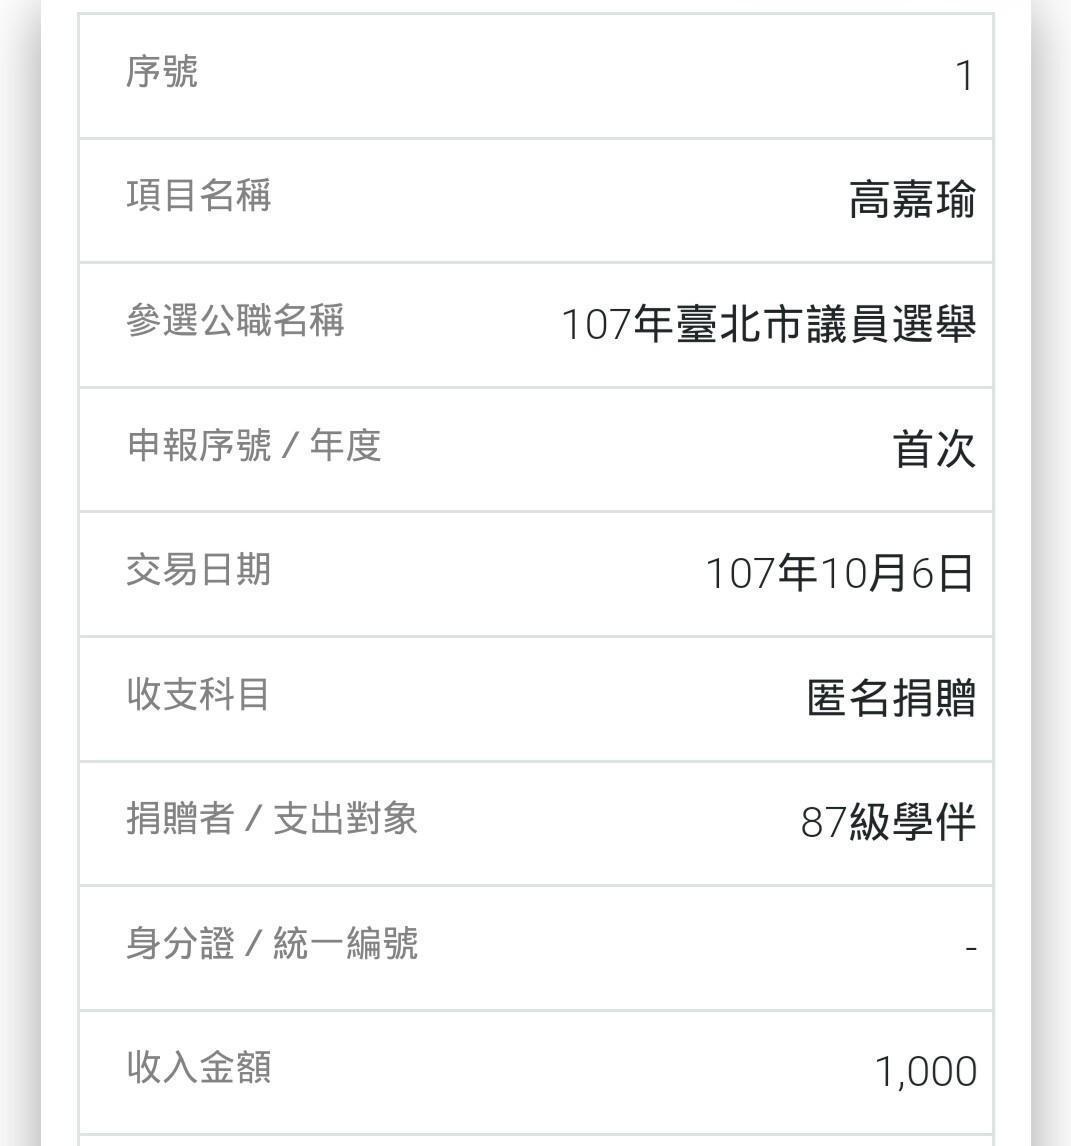 高嘉瑜還收到一筆自稱「87級學伴」的匿名捐款。(翻攝監察院官網)